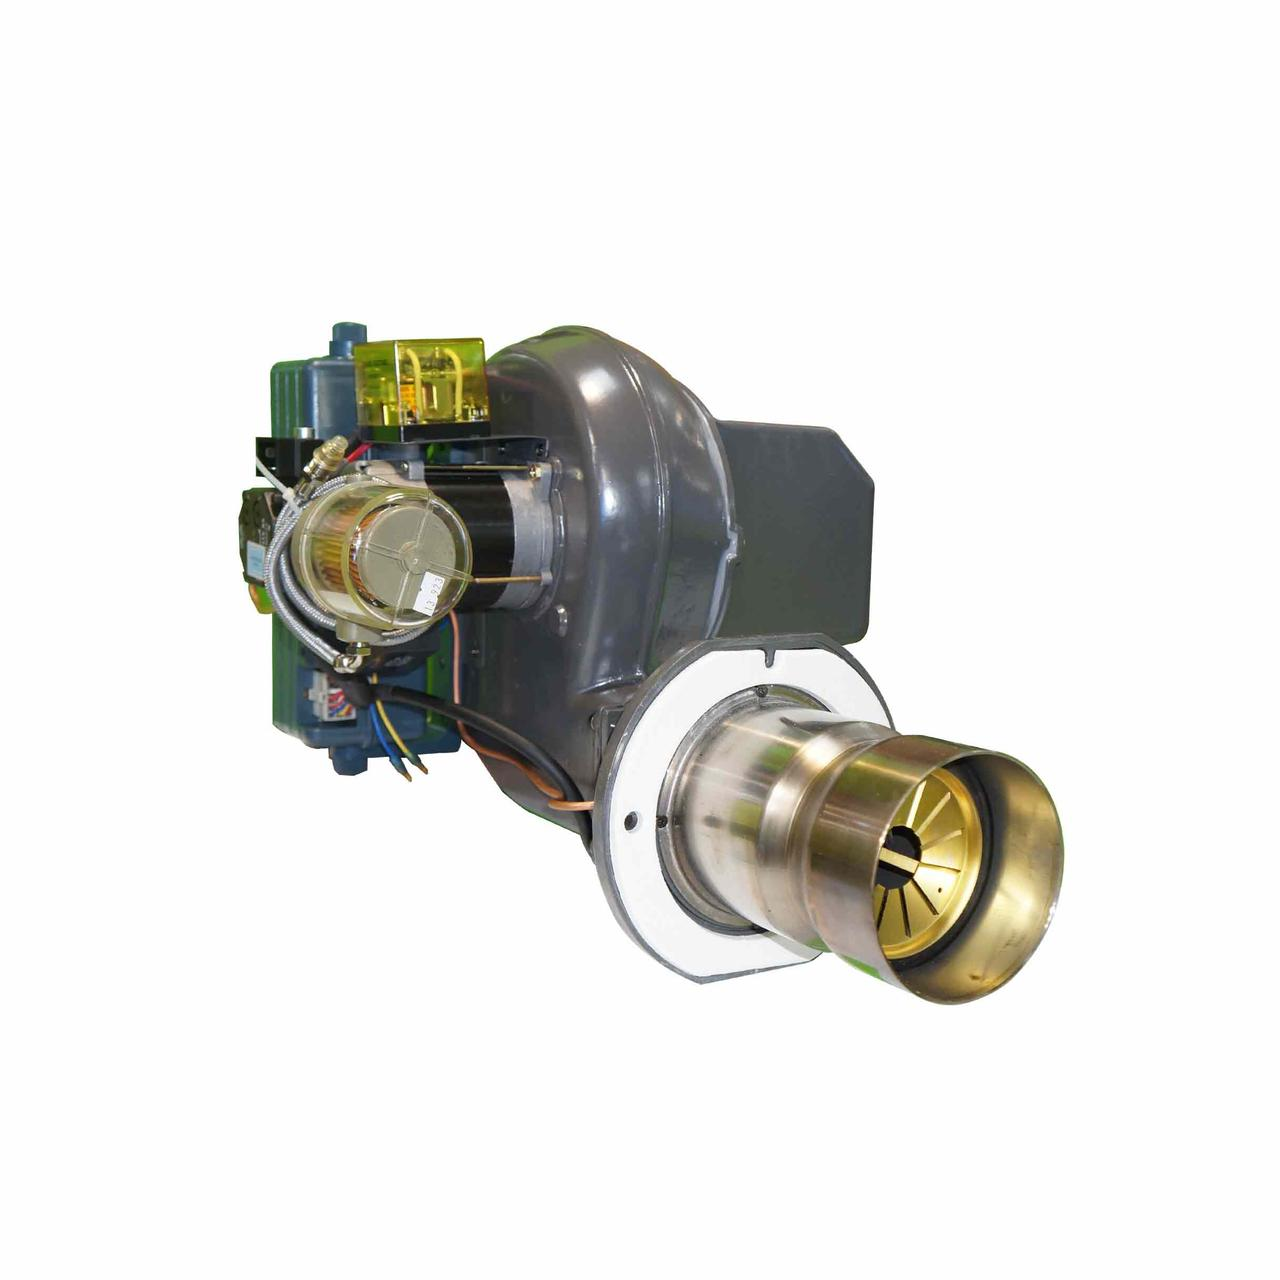 Жидкотопливная горелка Turbo 200